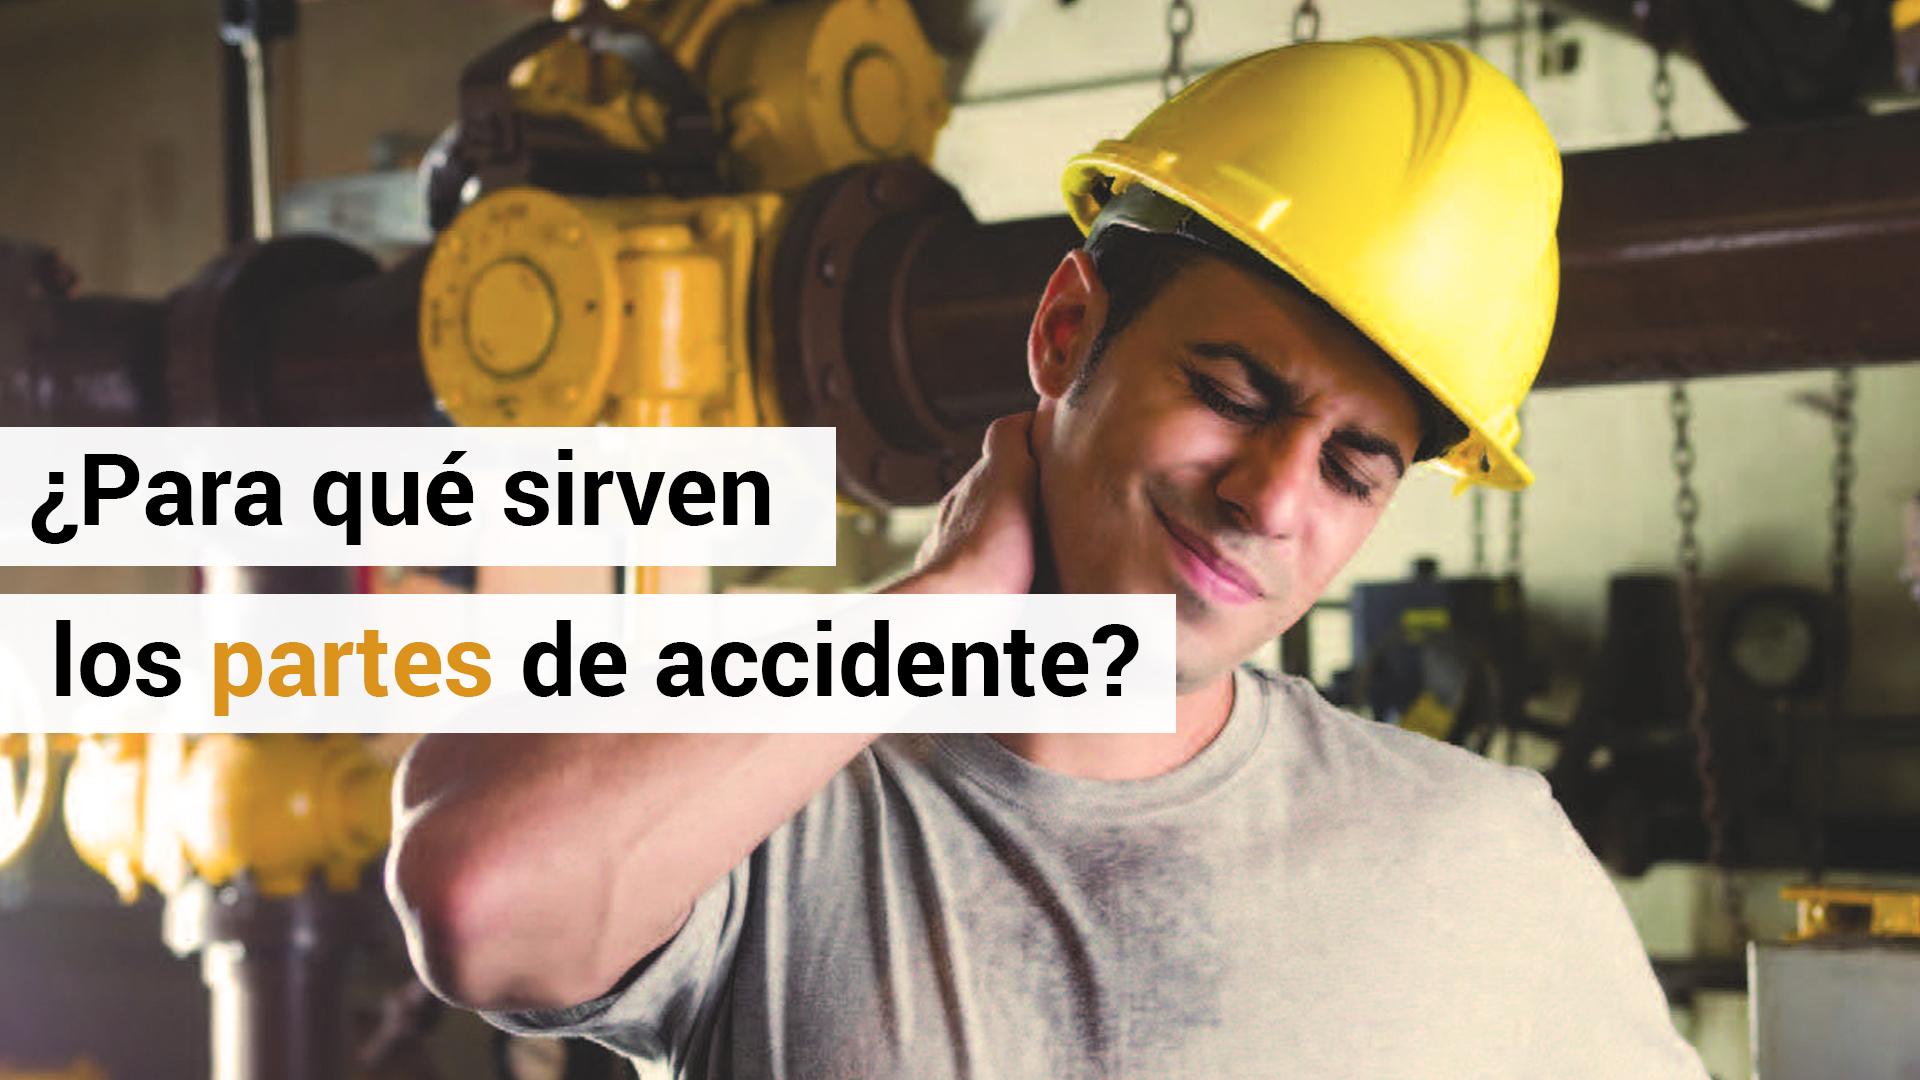 ¿Para qué se utilizan los partes de accidente?